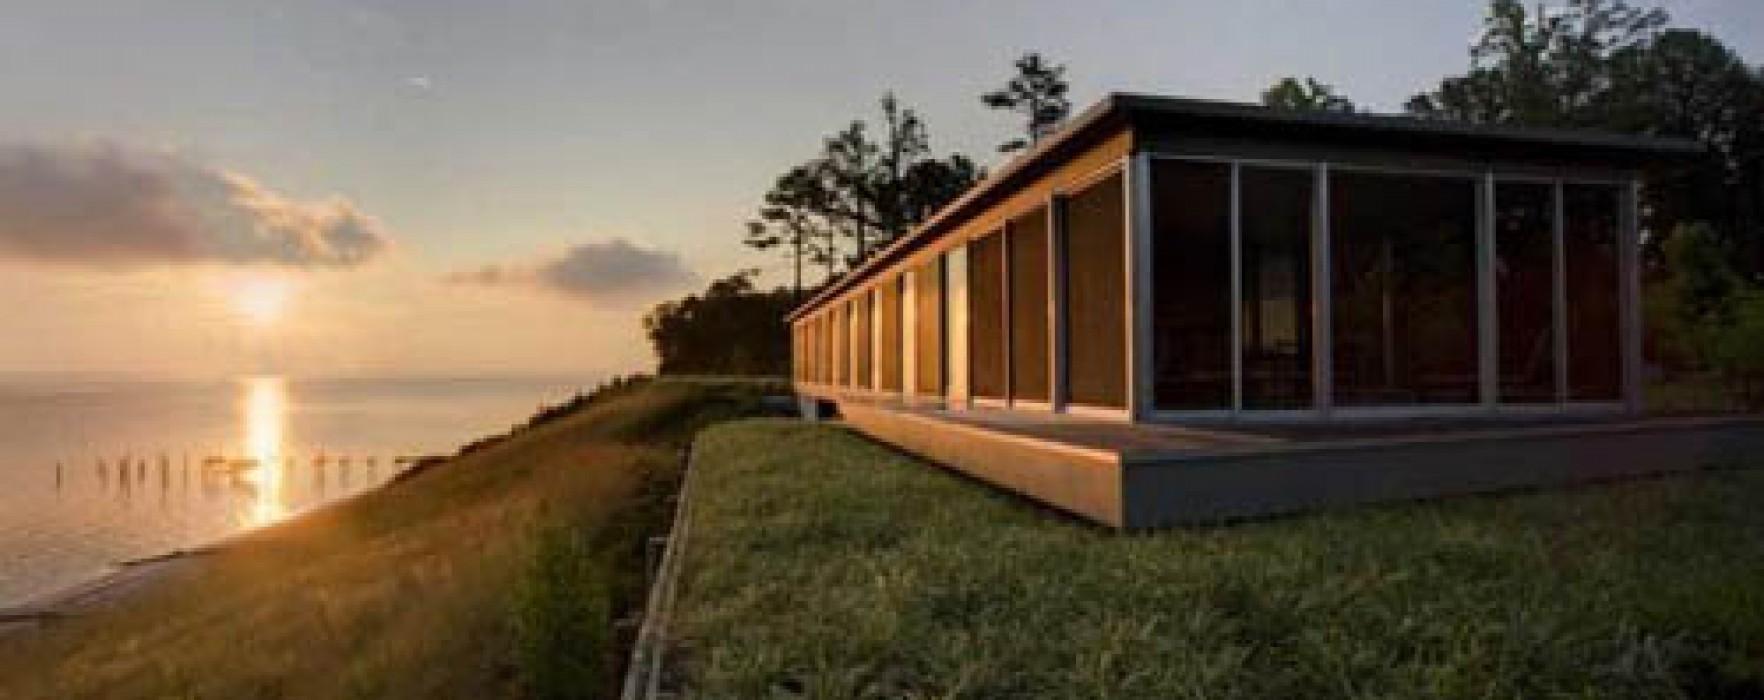 Case prefabbricate autosufficienti for Case in legno senza fondamenta